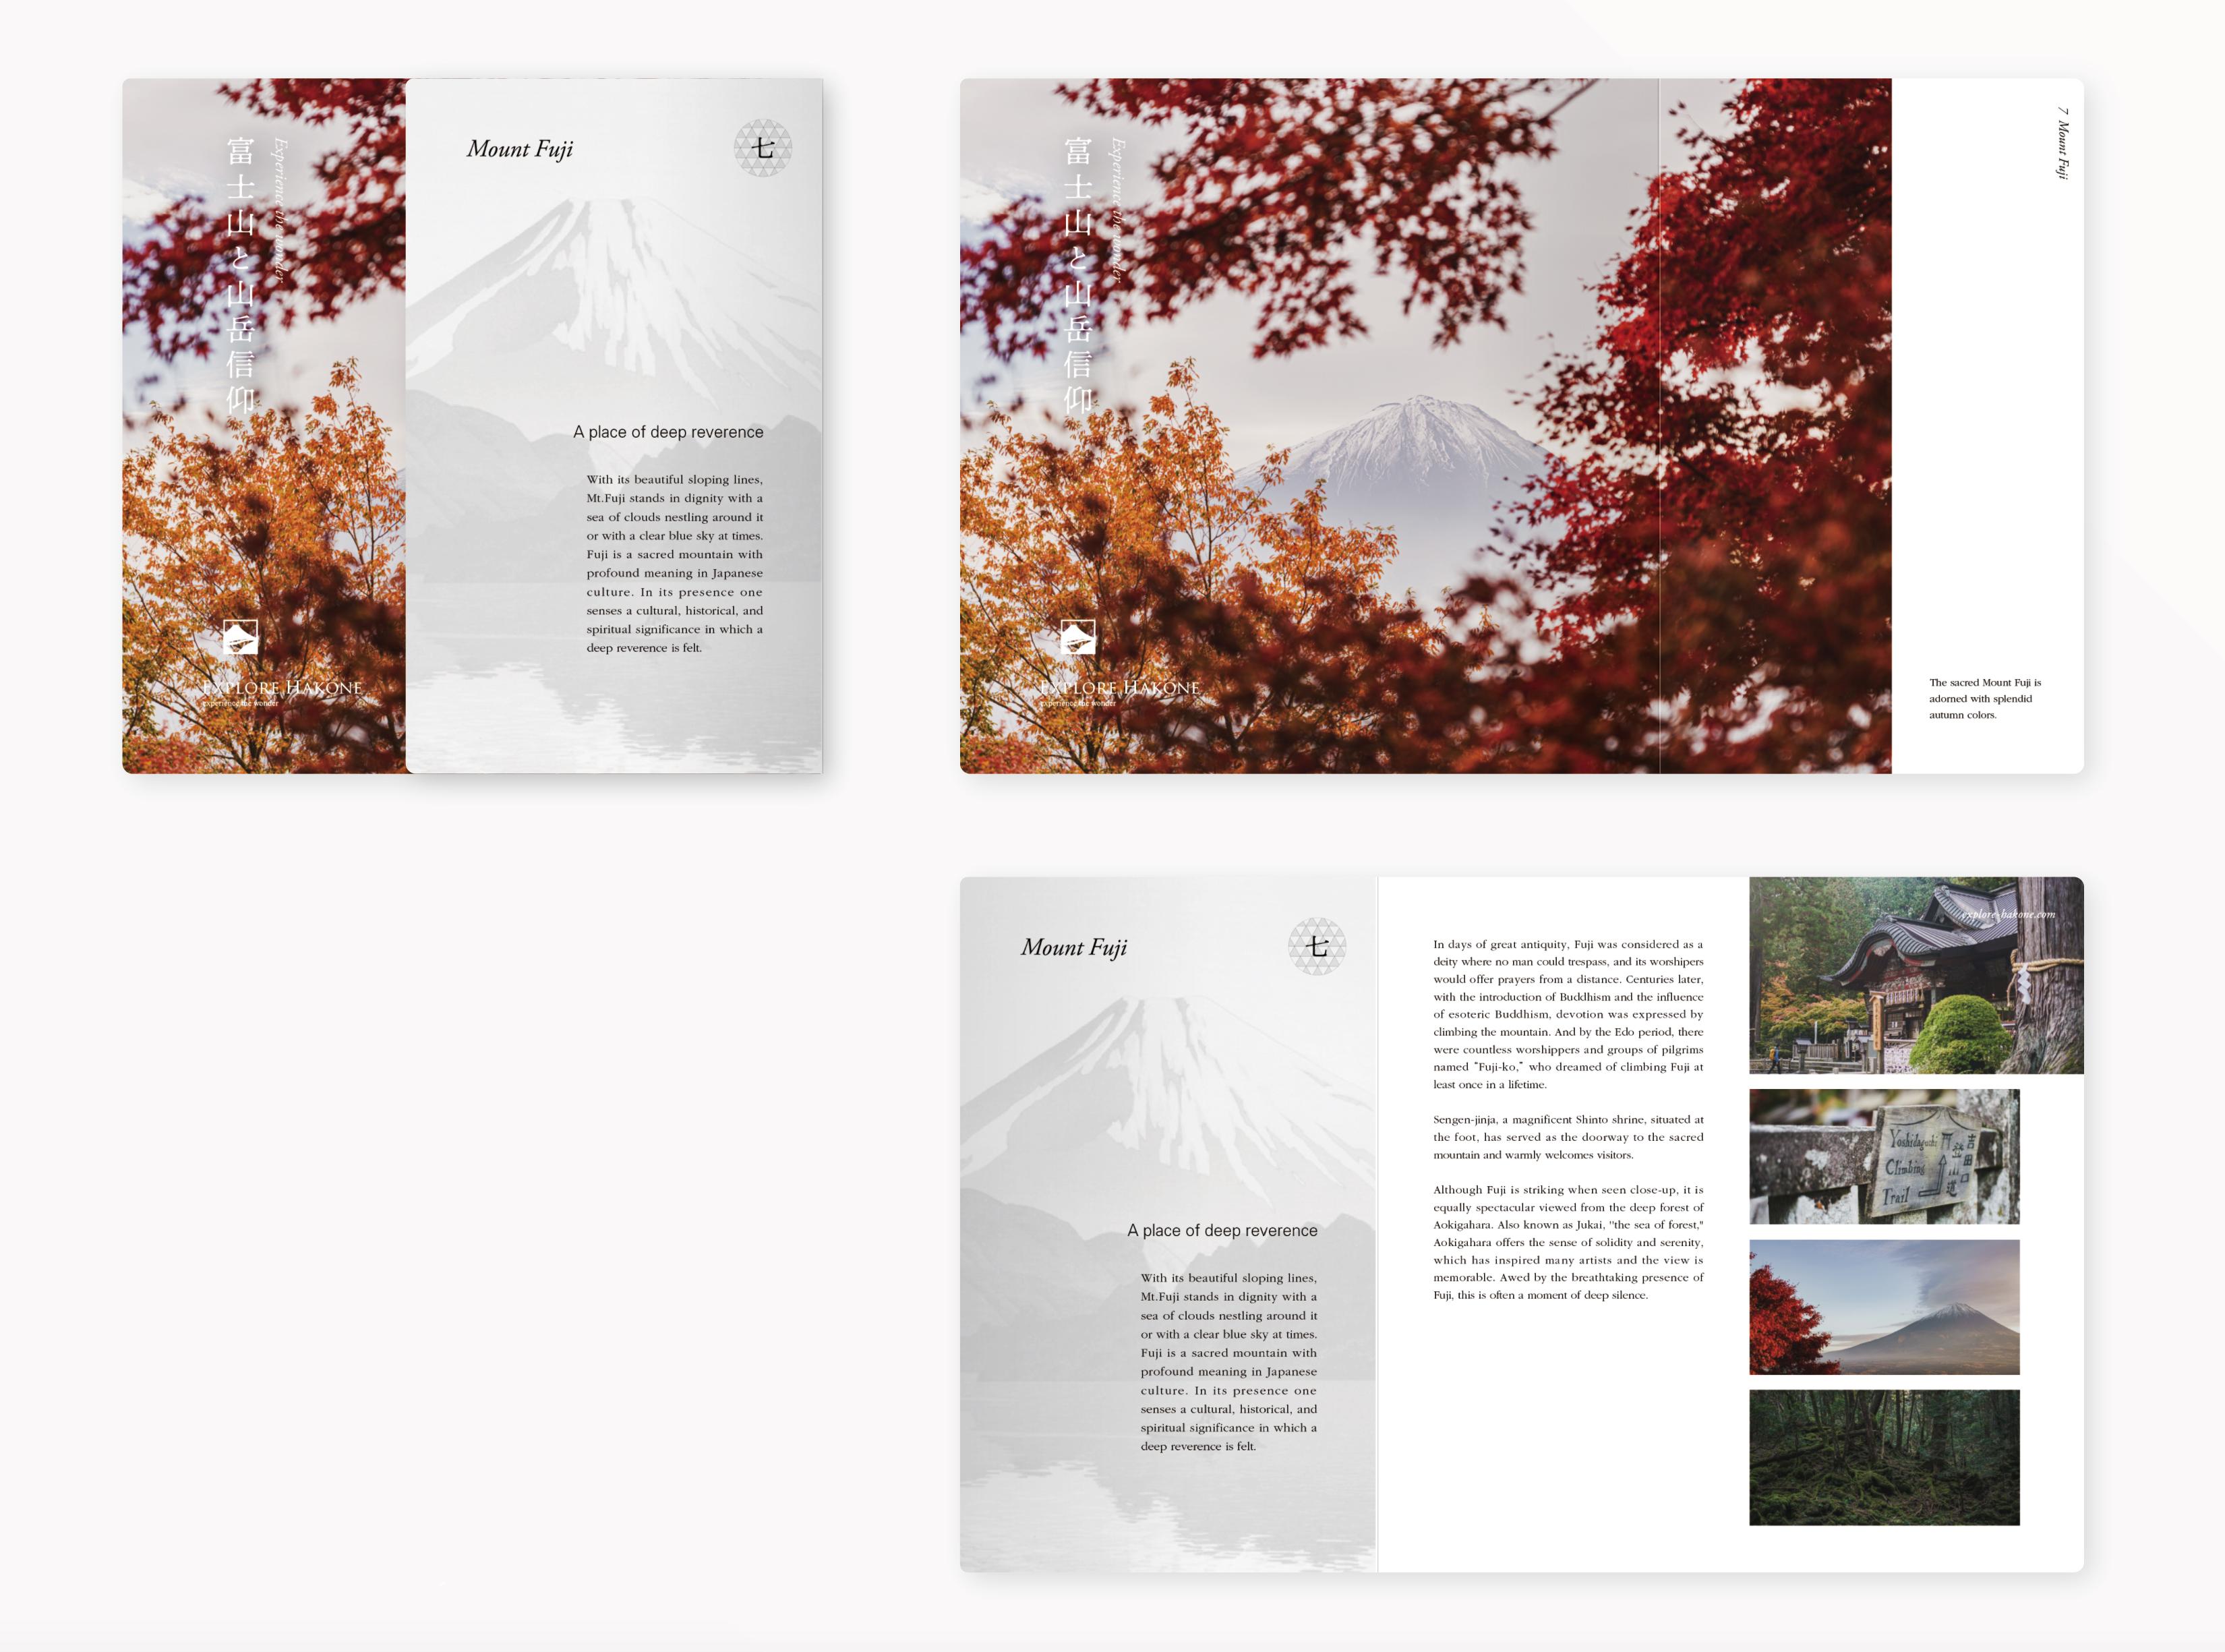 グラフィックデザイン パンフレットデザイン パッケージデザイン 編集エディトリアル 神奈川県 箱根 富士山 Mt.fuji